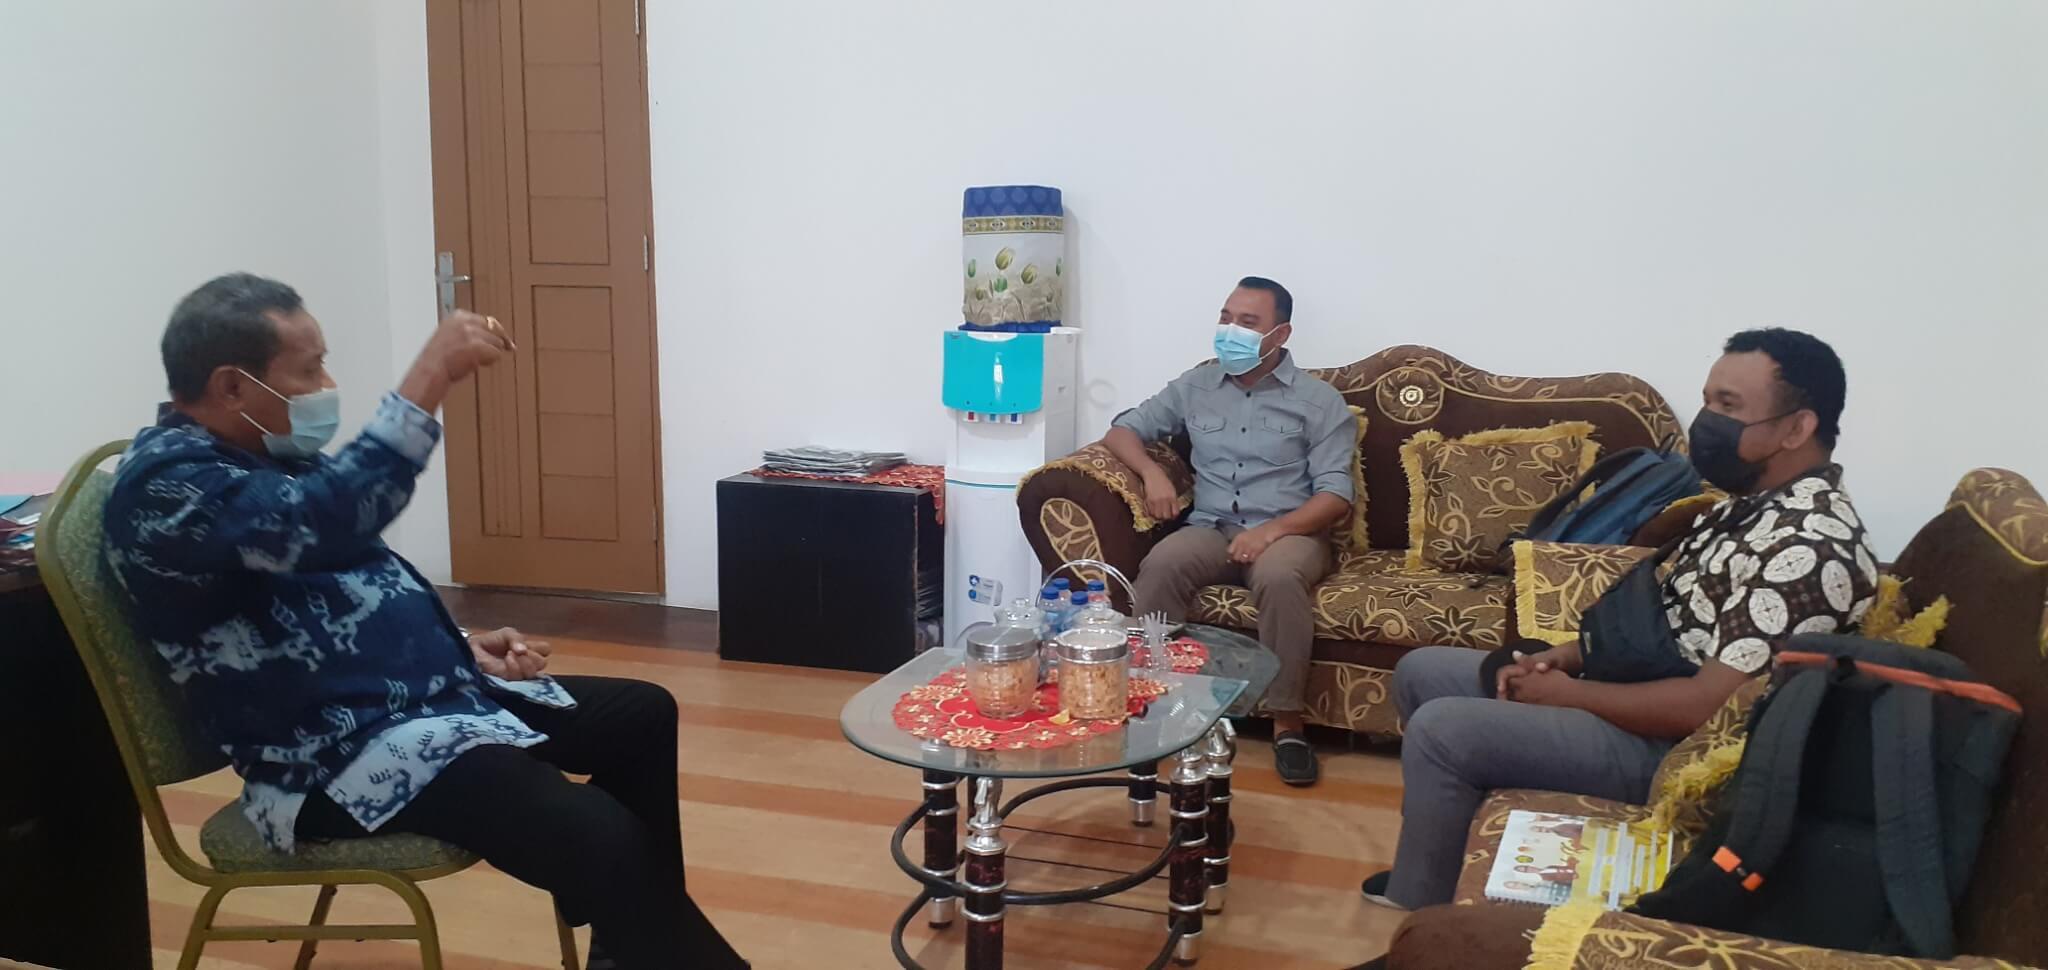 Diskusi dengan Pimpinan UPT Museum Daerah Provinsi Nusa Tenggara Timur